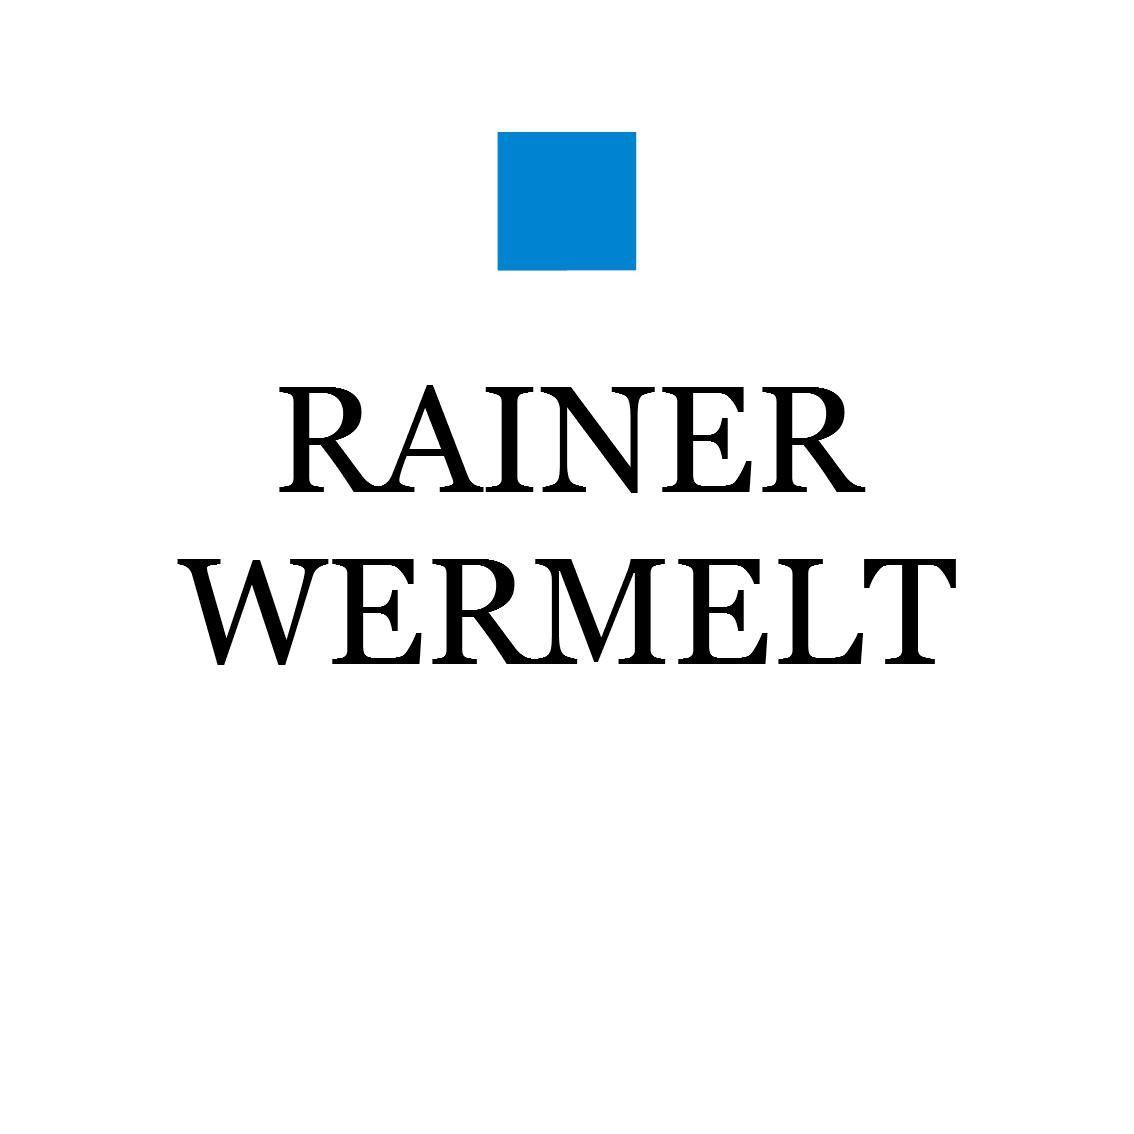 Sehenswürdigkeiten | Gescher | Rainer Wermelt